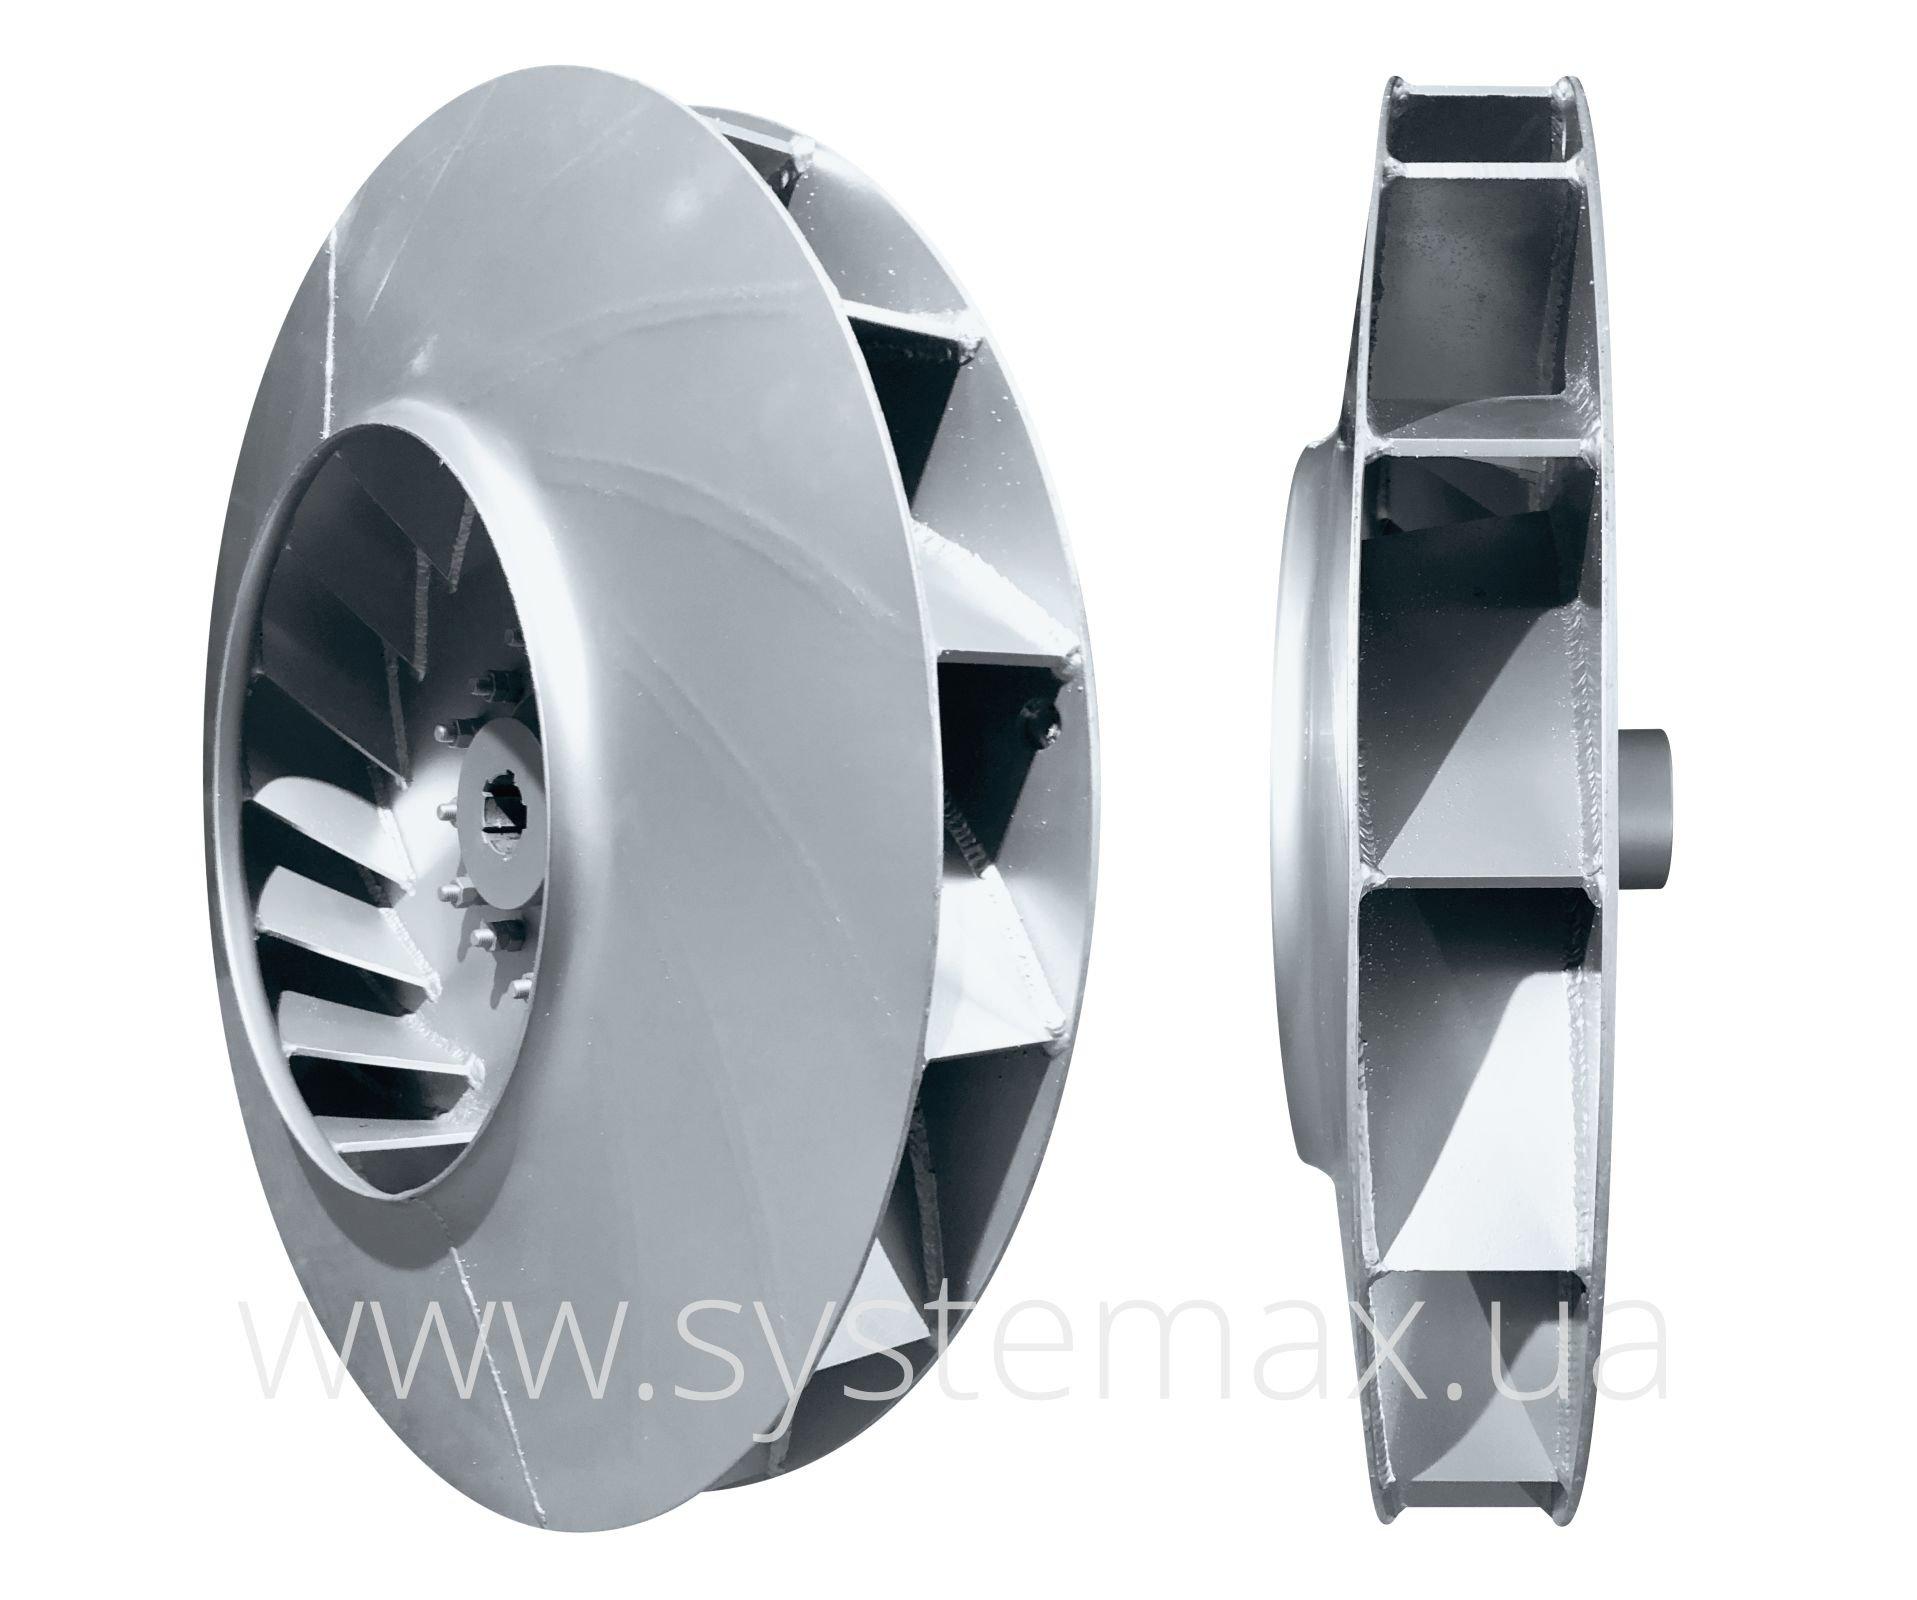 Фото рабочего колеса вентилятора дутьевого ВДН 22